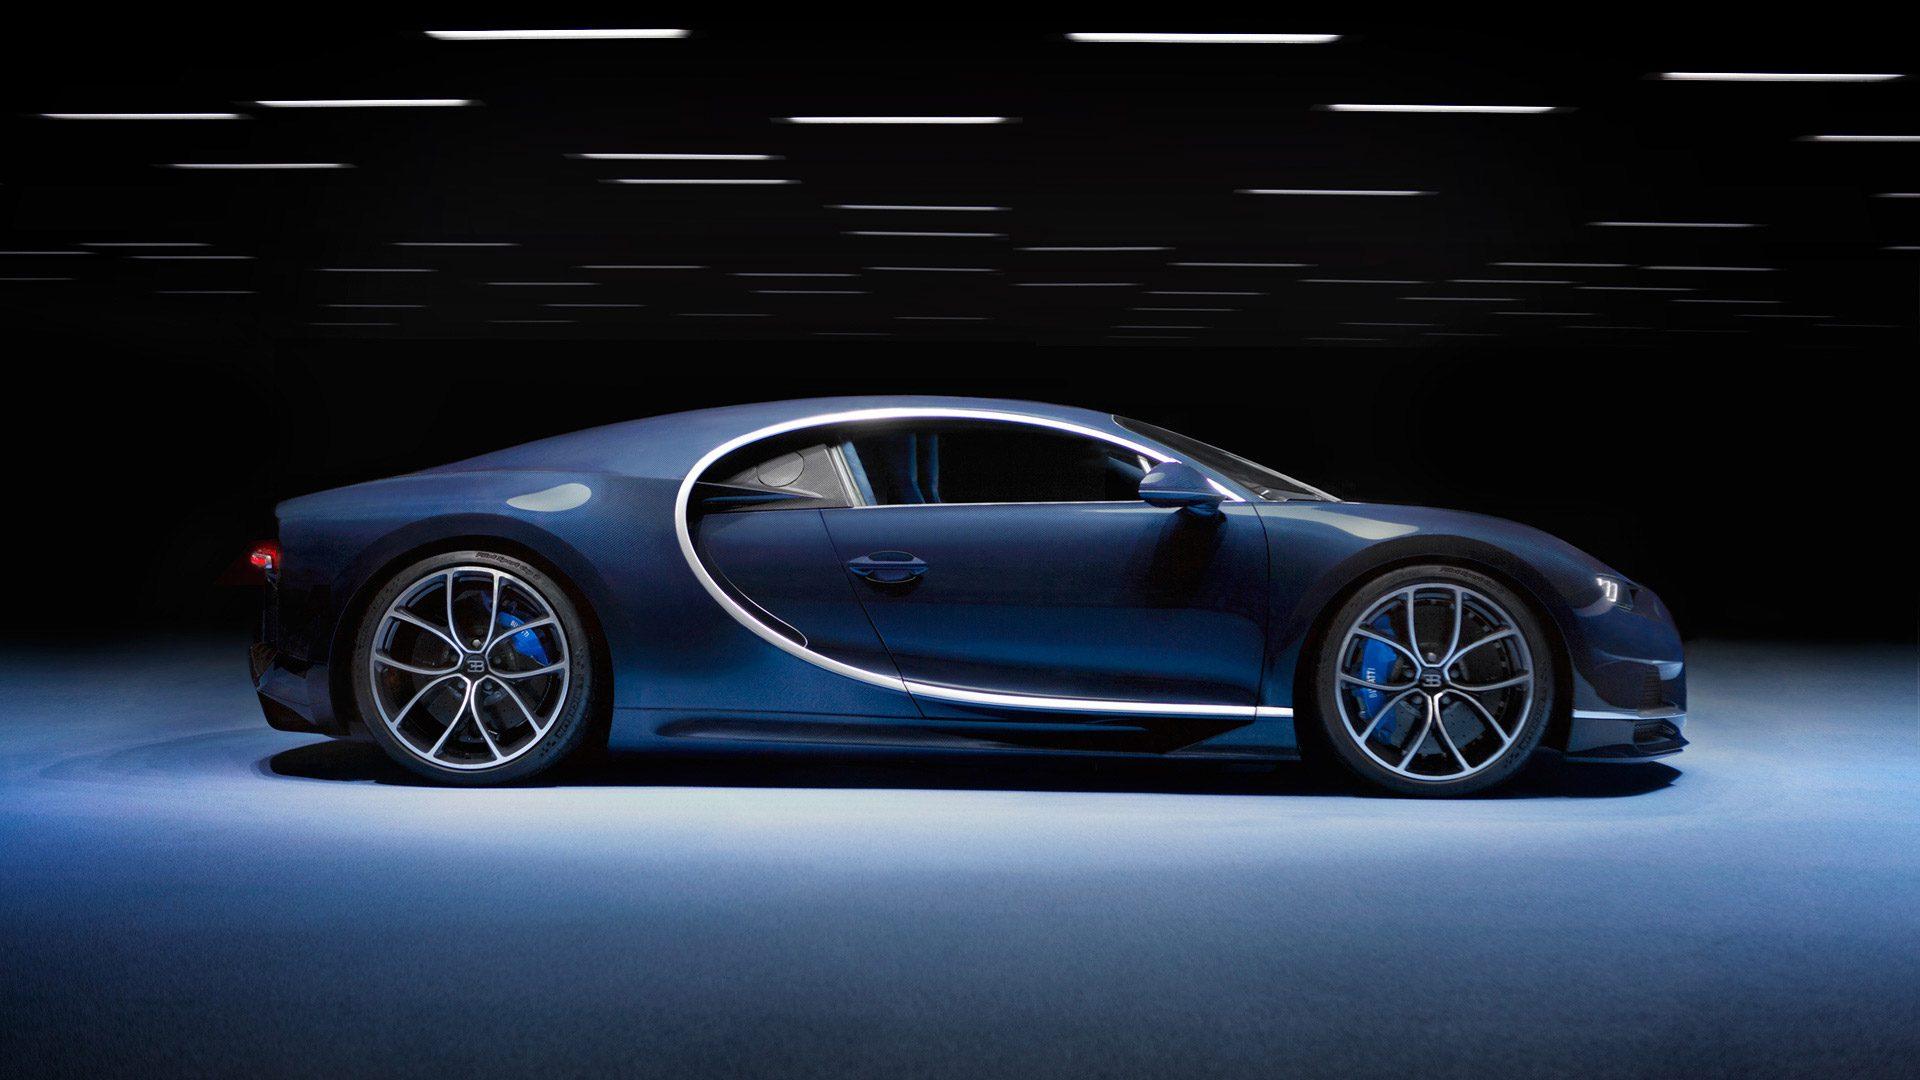 Transportation Bugatti Chiron Supercars